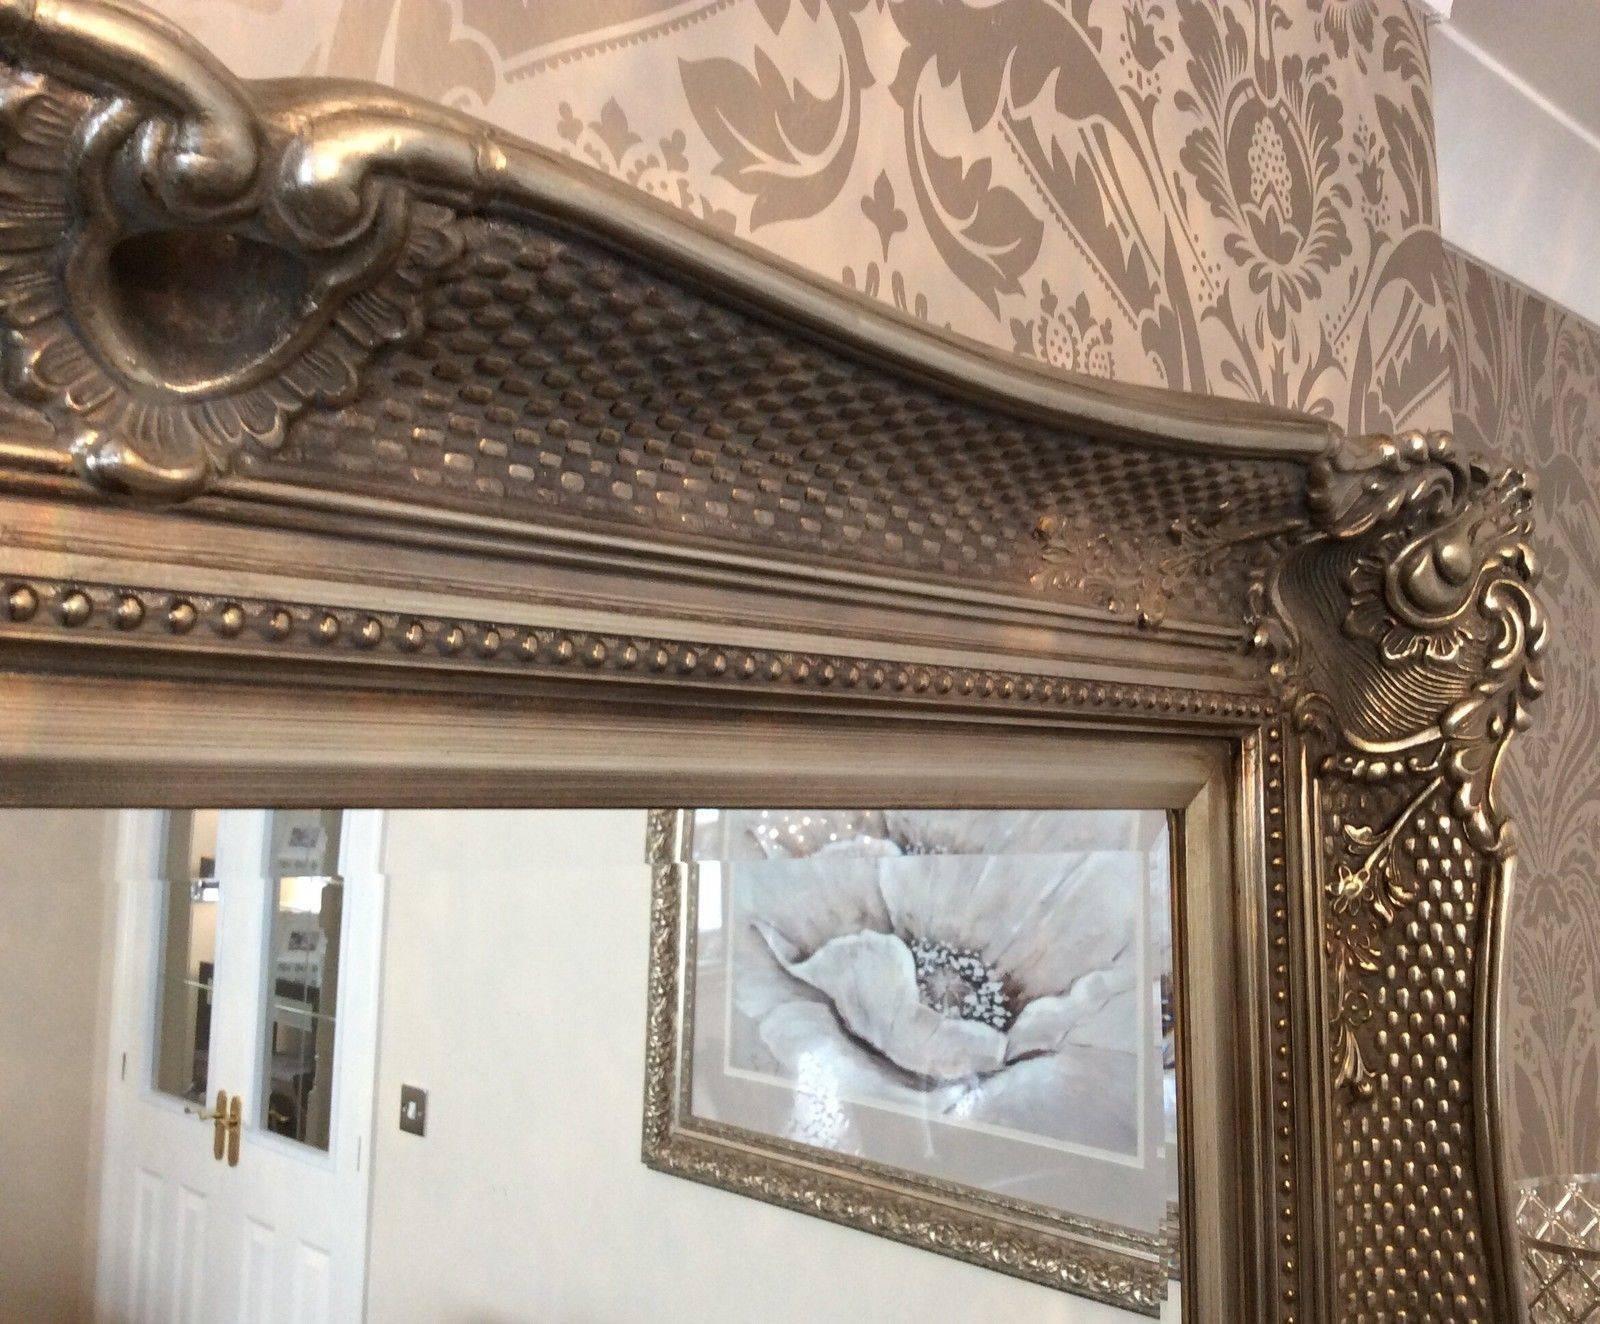 Wonderful Ornate Fabulous Extra Large Wall Mirror - Range Of Sizes with Extra Large Ornate Mirrors (Image 24 of 25)